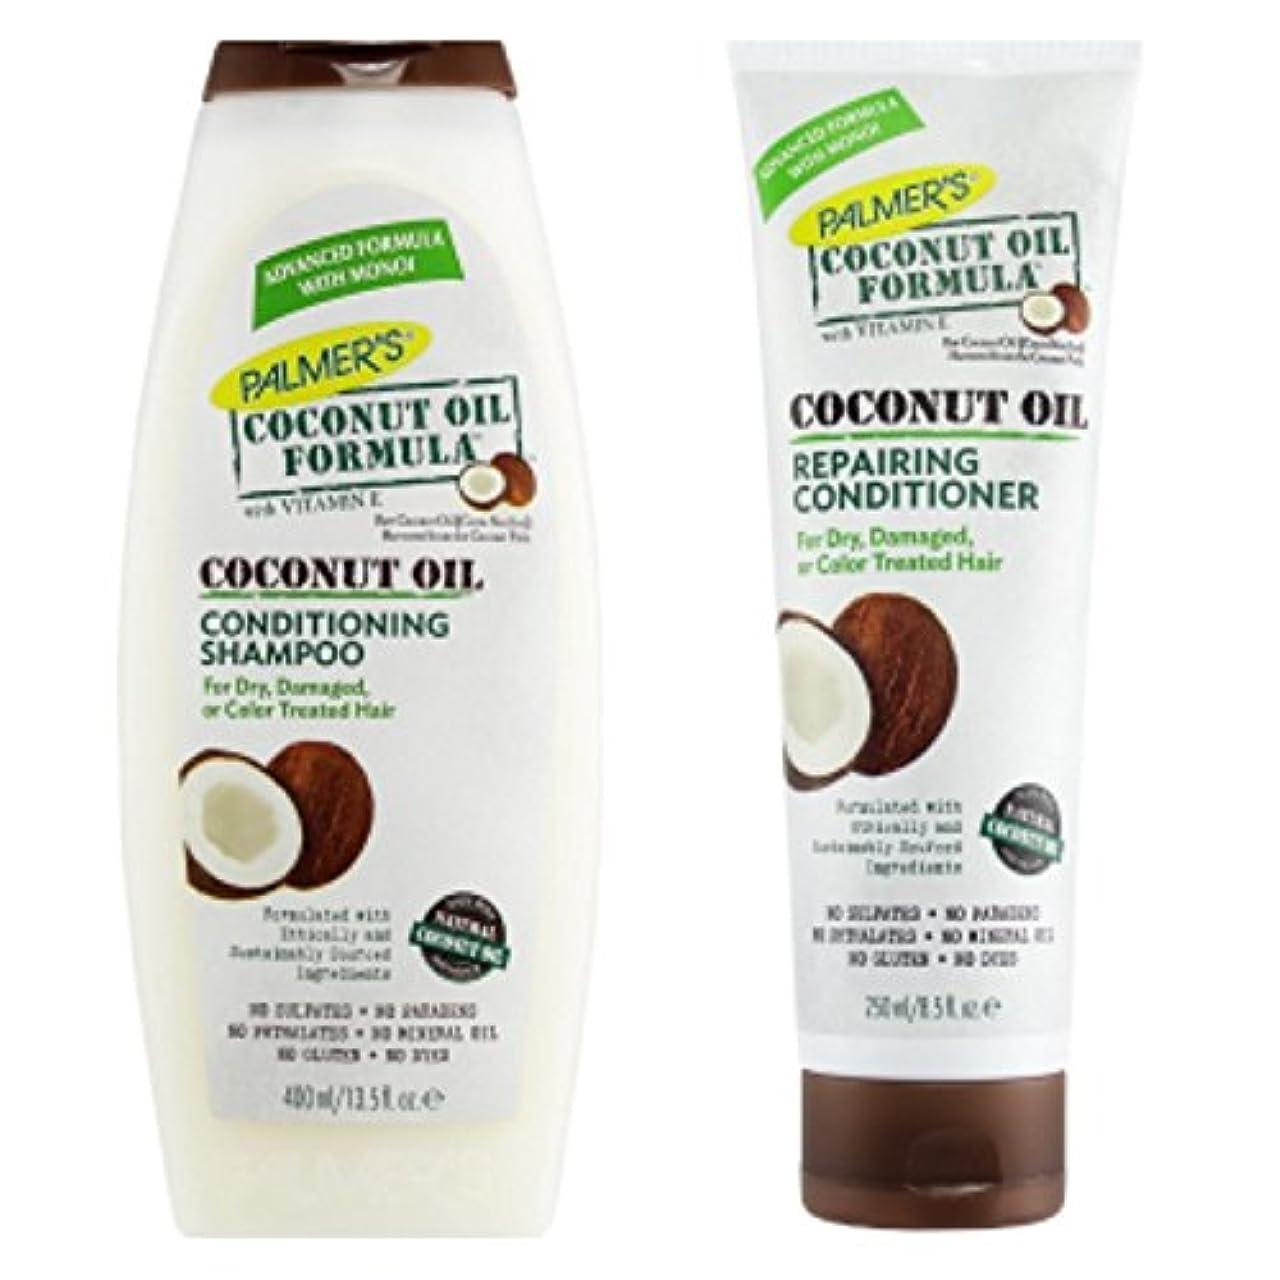 司書自体モザイクPalmers Coconut Oil Formula Conditioning Shampoo 400ml & Repairing Conditioner 250ml Pack by Palmers